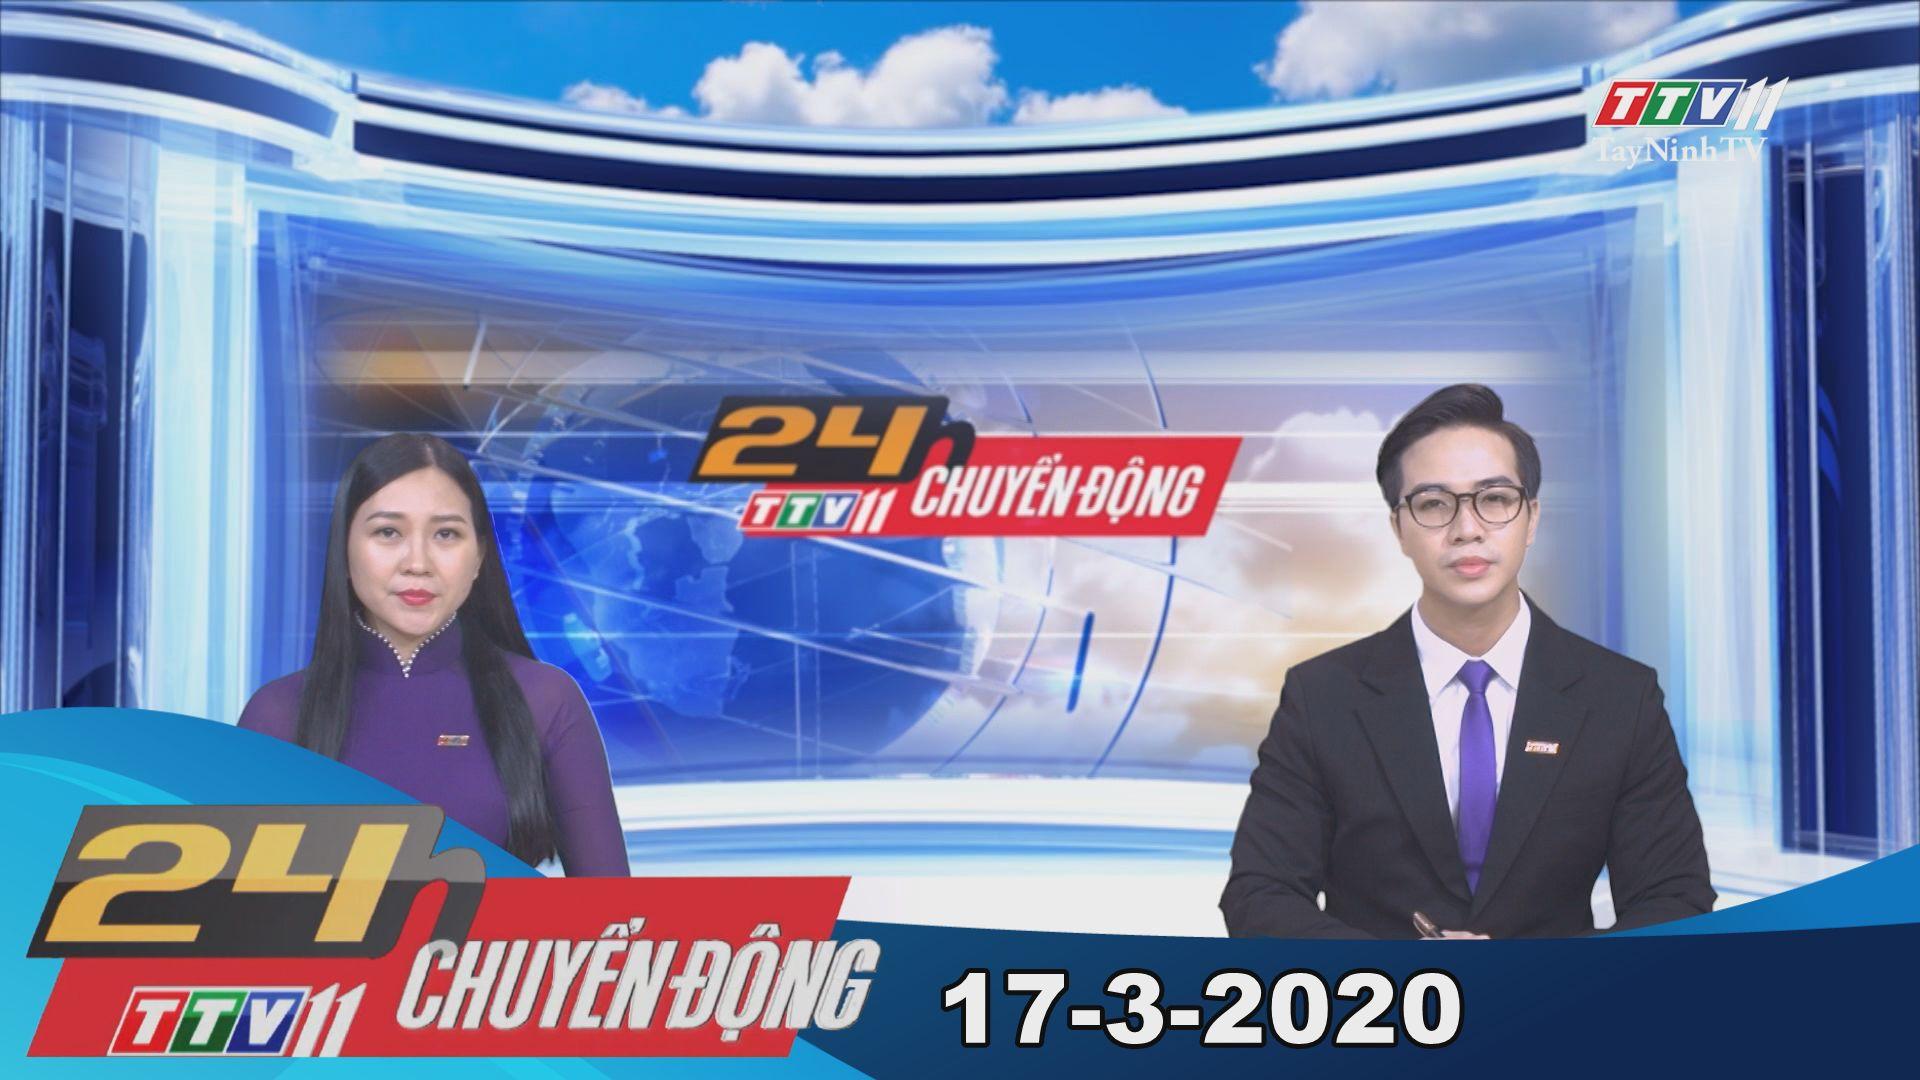 24h Chuyển động 17-3-2020 | Tin tức hôm nay | TayNinhTV